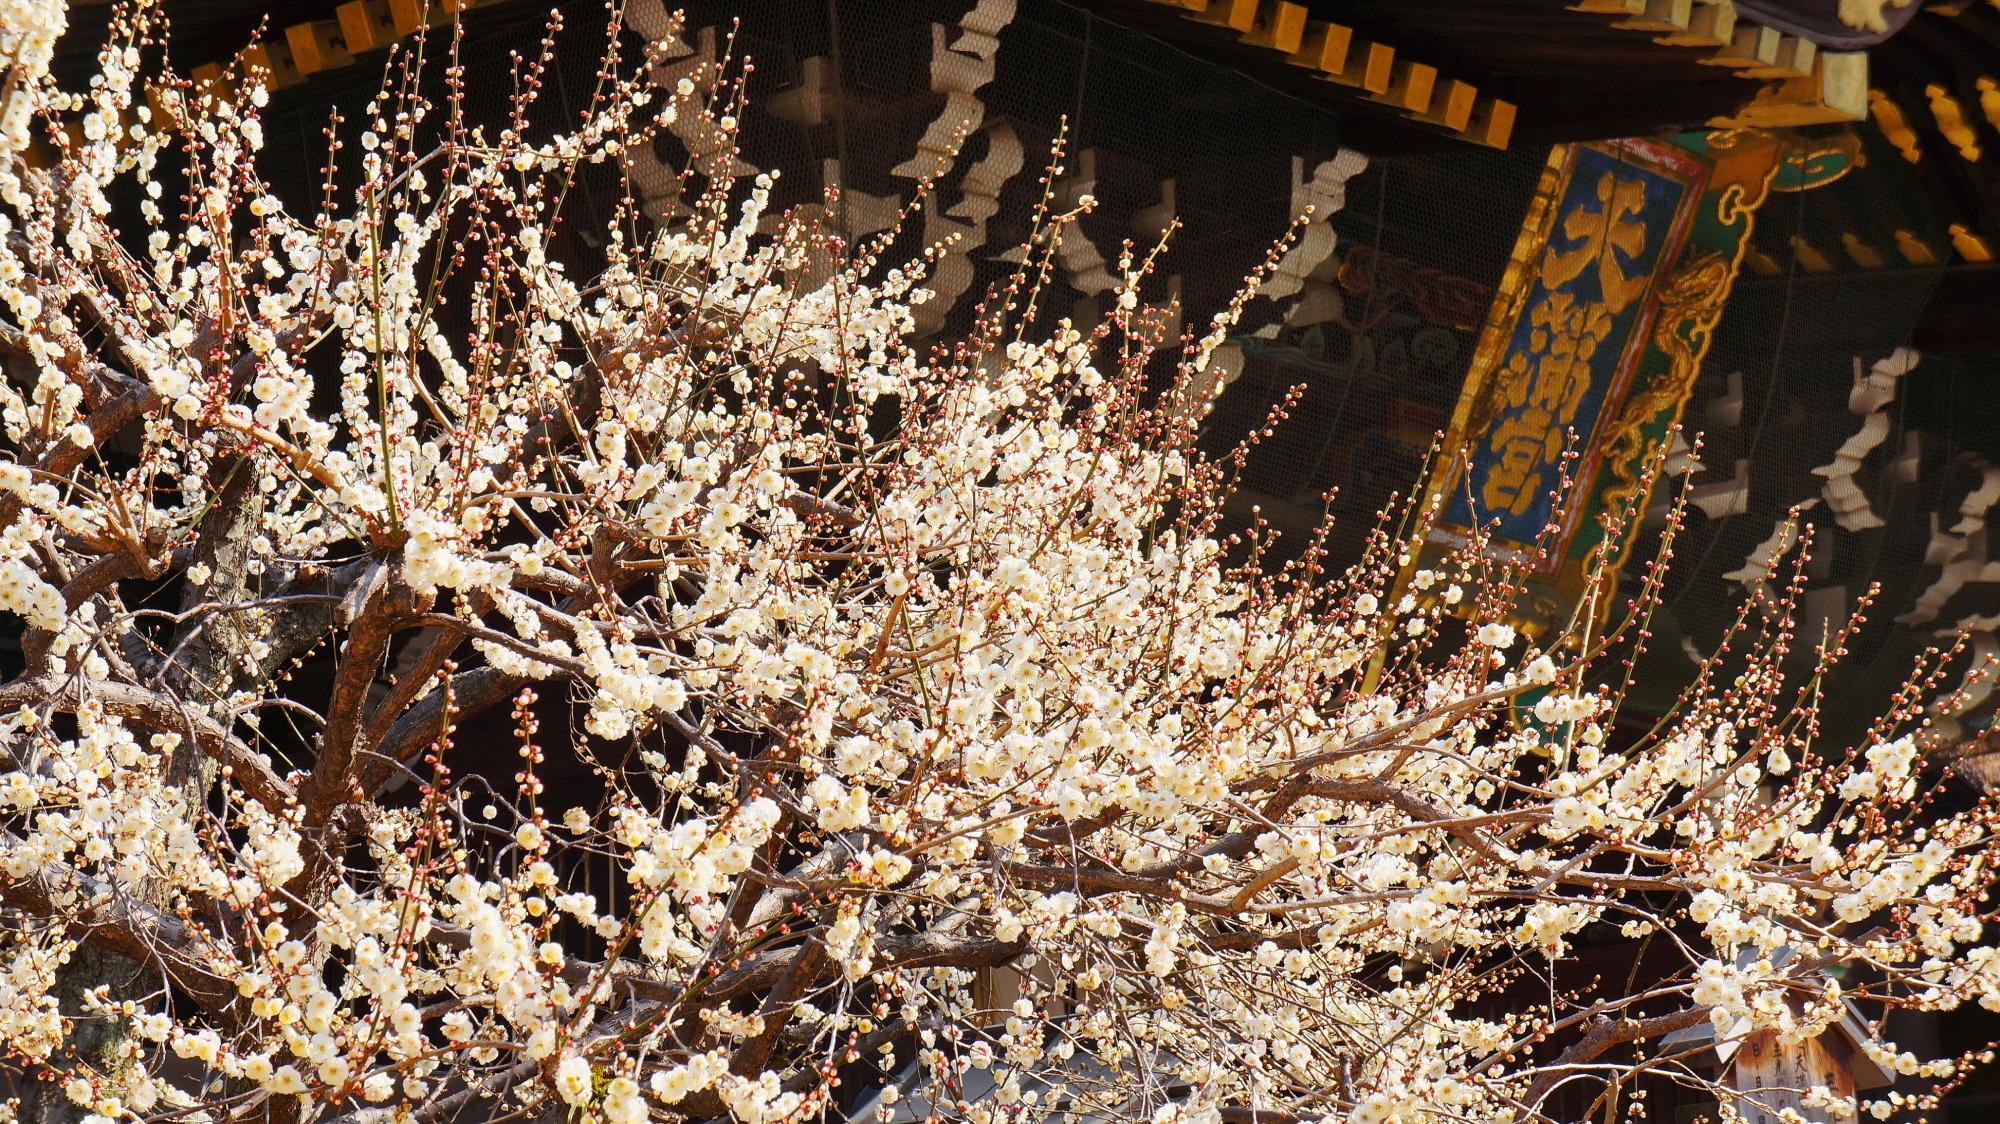 三光門と扁額を背景に豪快に咲き誇る梅